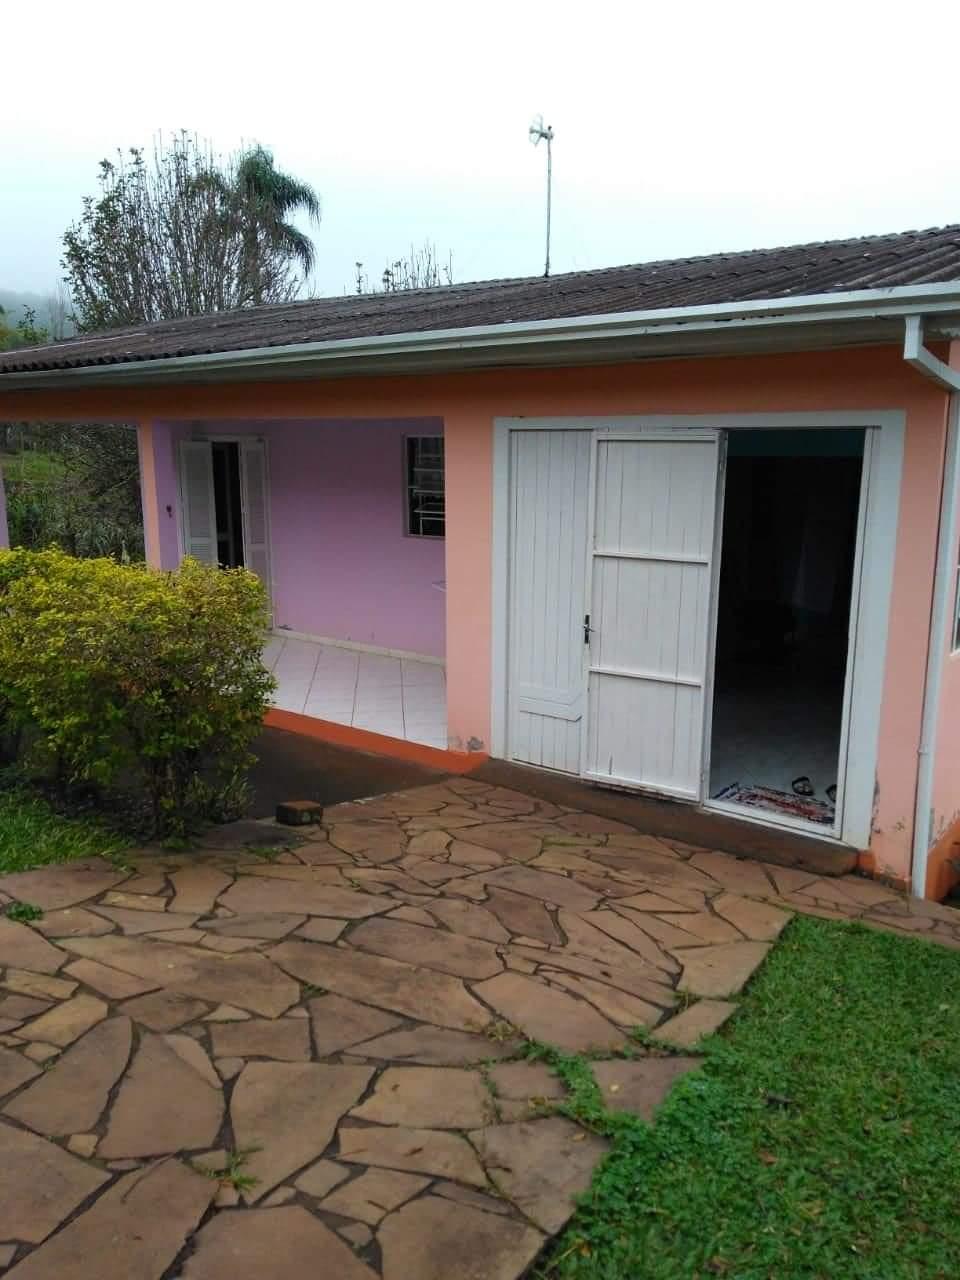 Fotos do imóvel Vendo casa em Canudos, Nova Hartz - Sparrenberger Imóveis